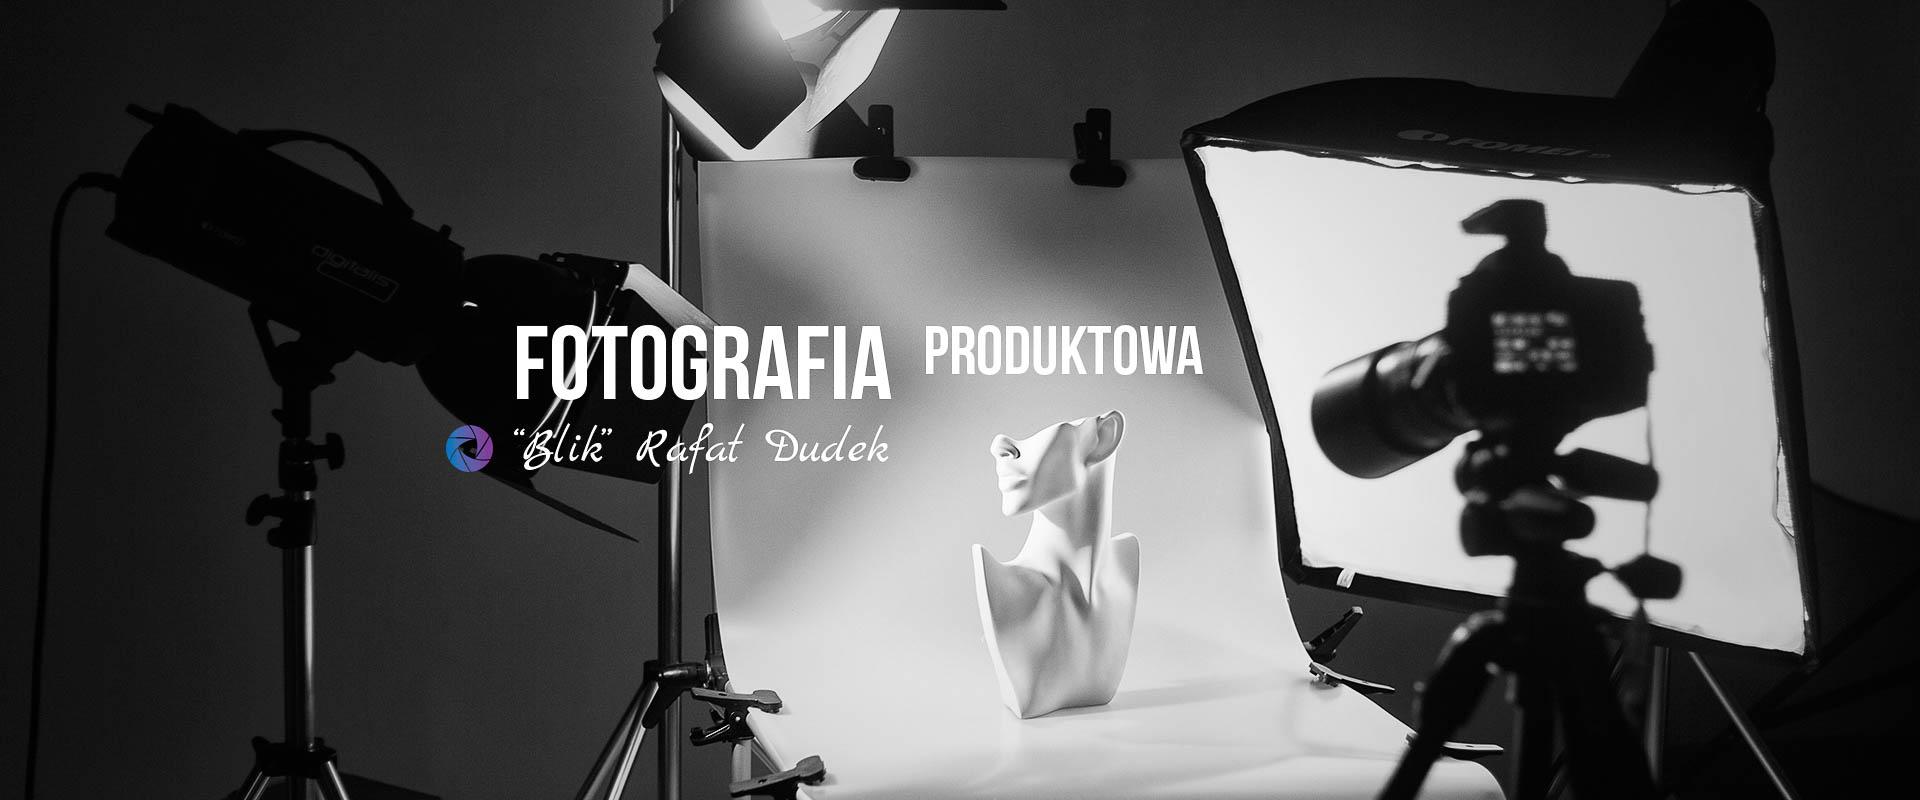 Fotografia produktowa Częstochowa